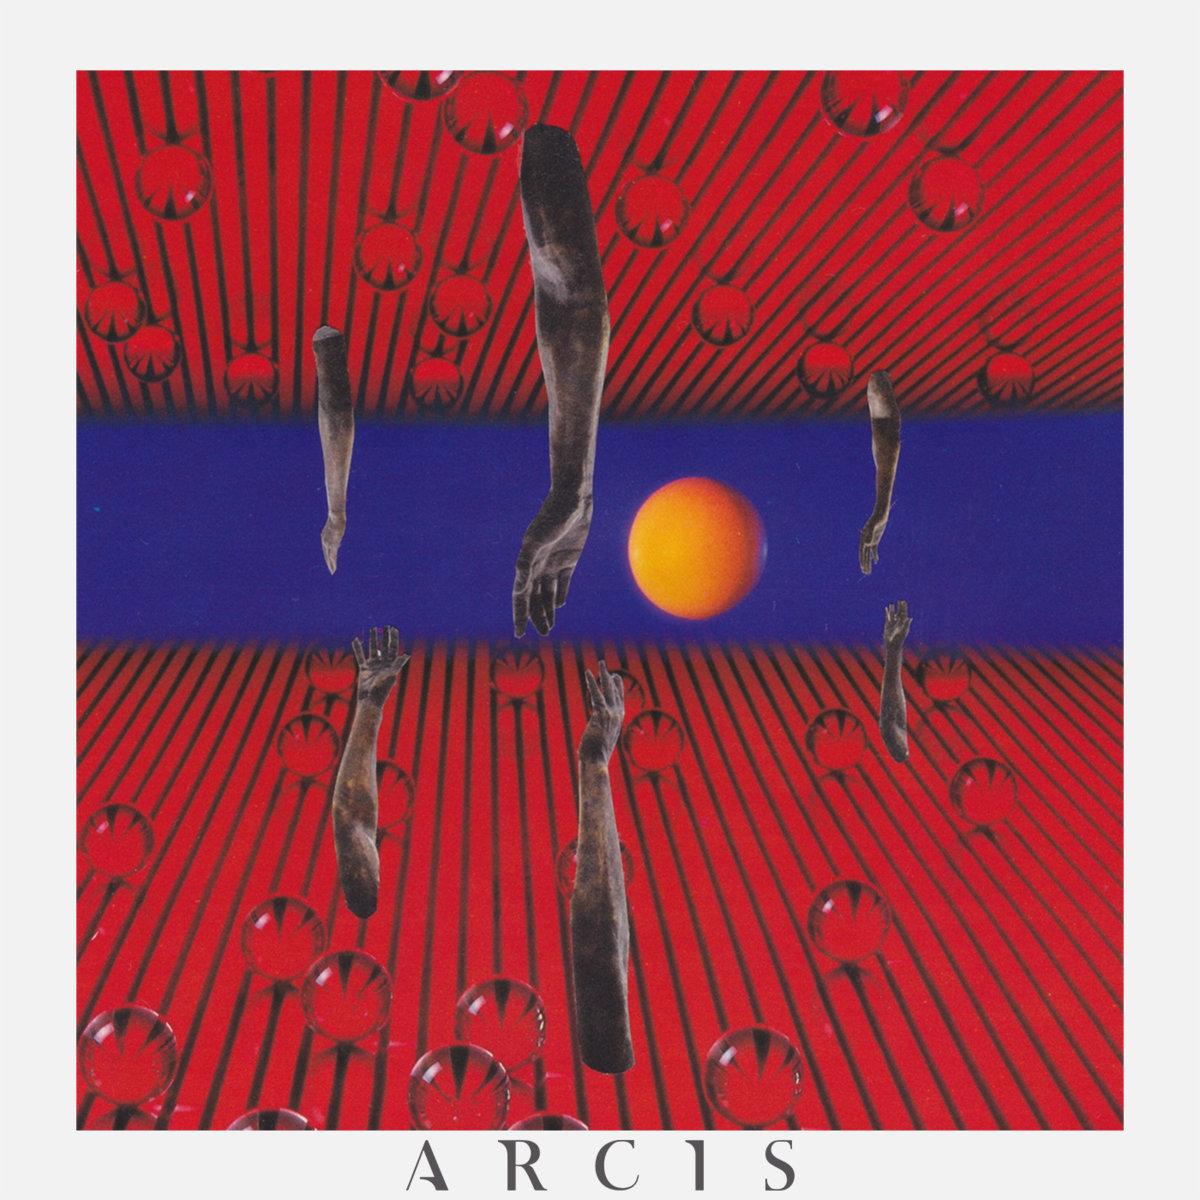 a3360767261 10 - Arcis - Arcis